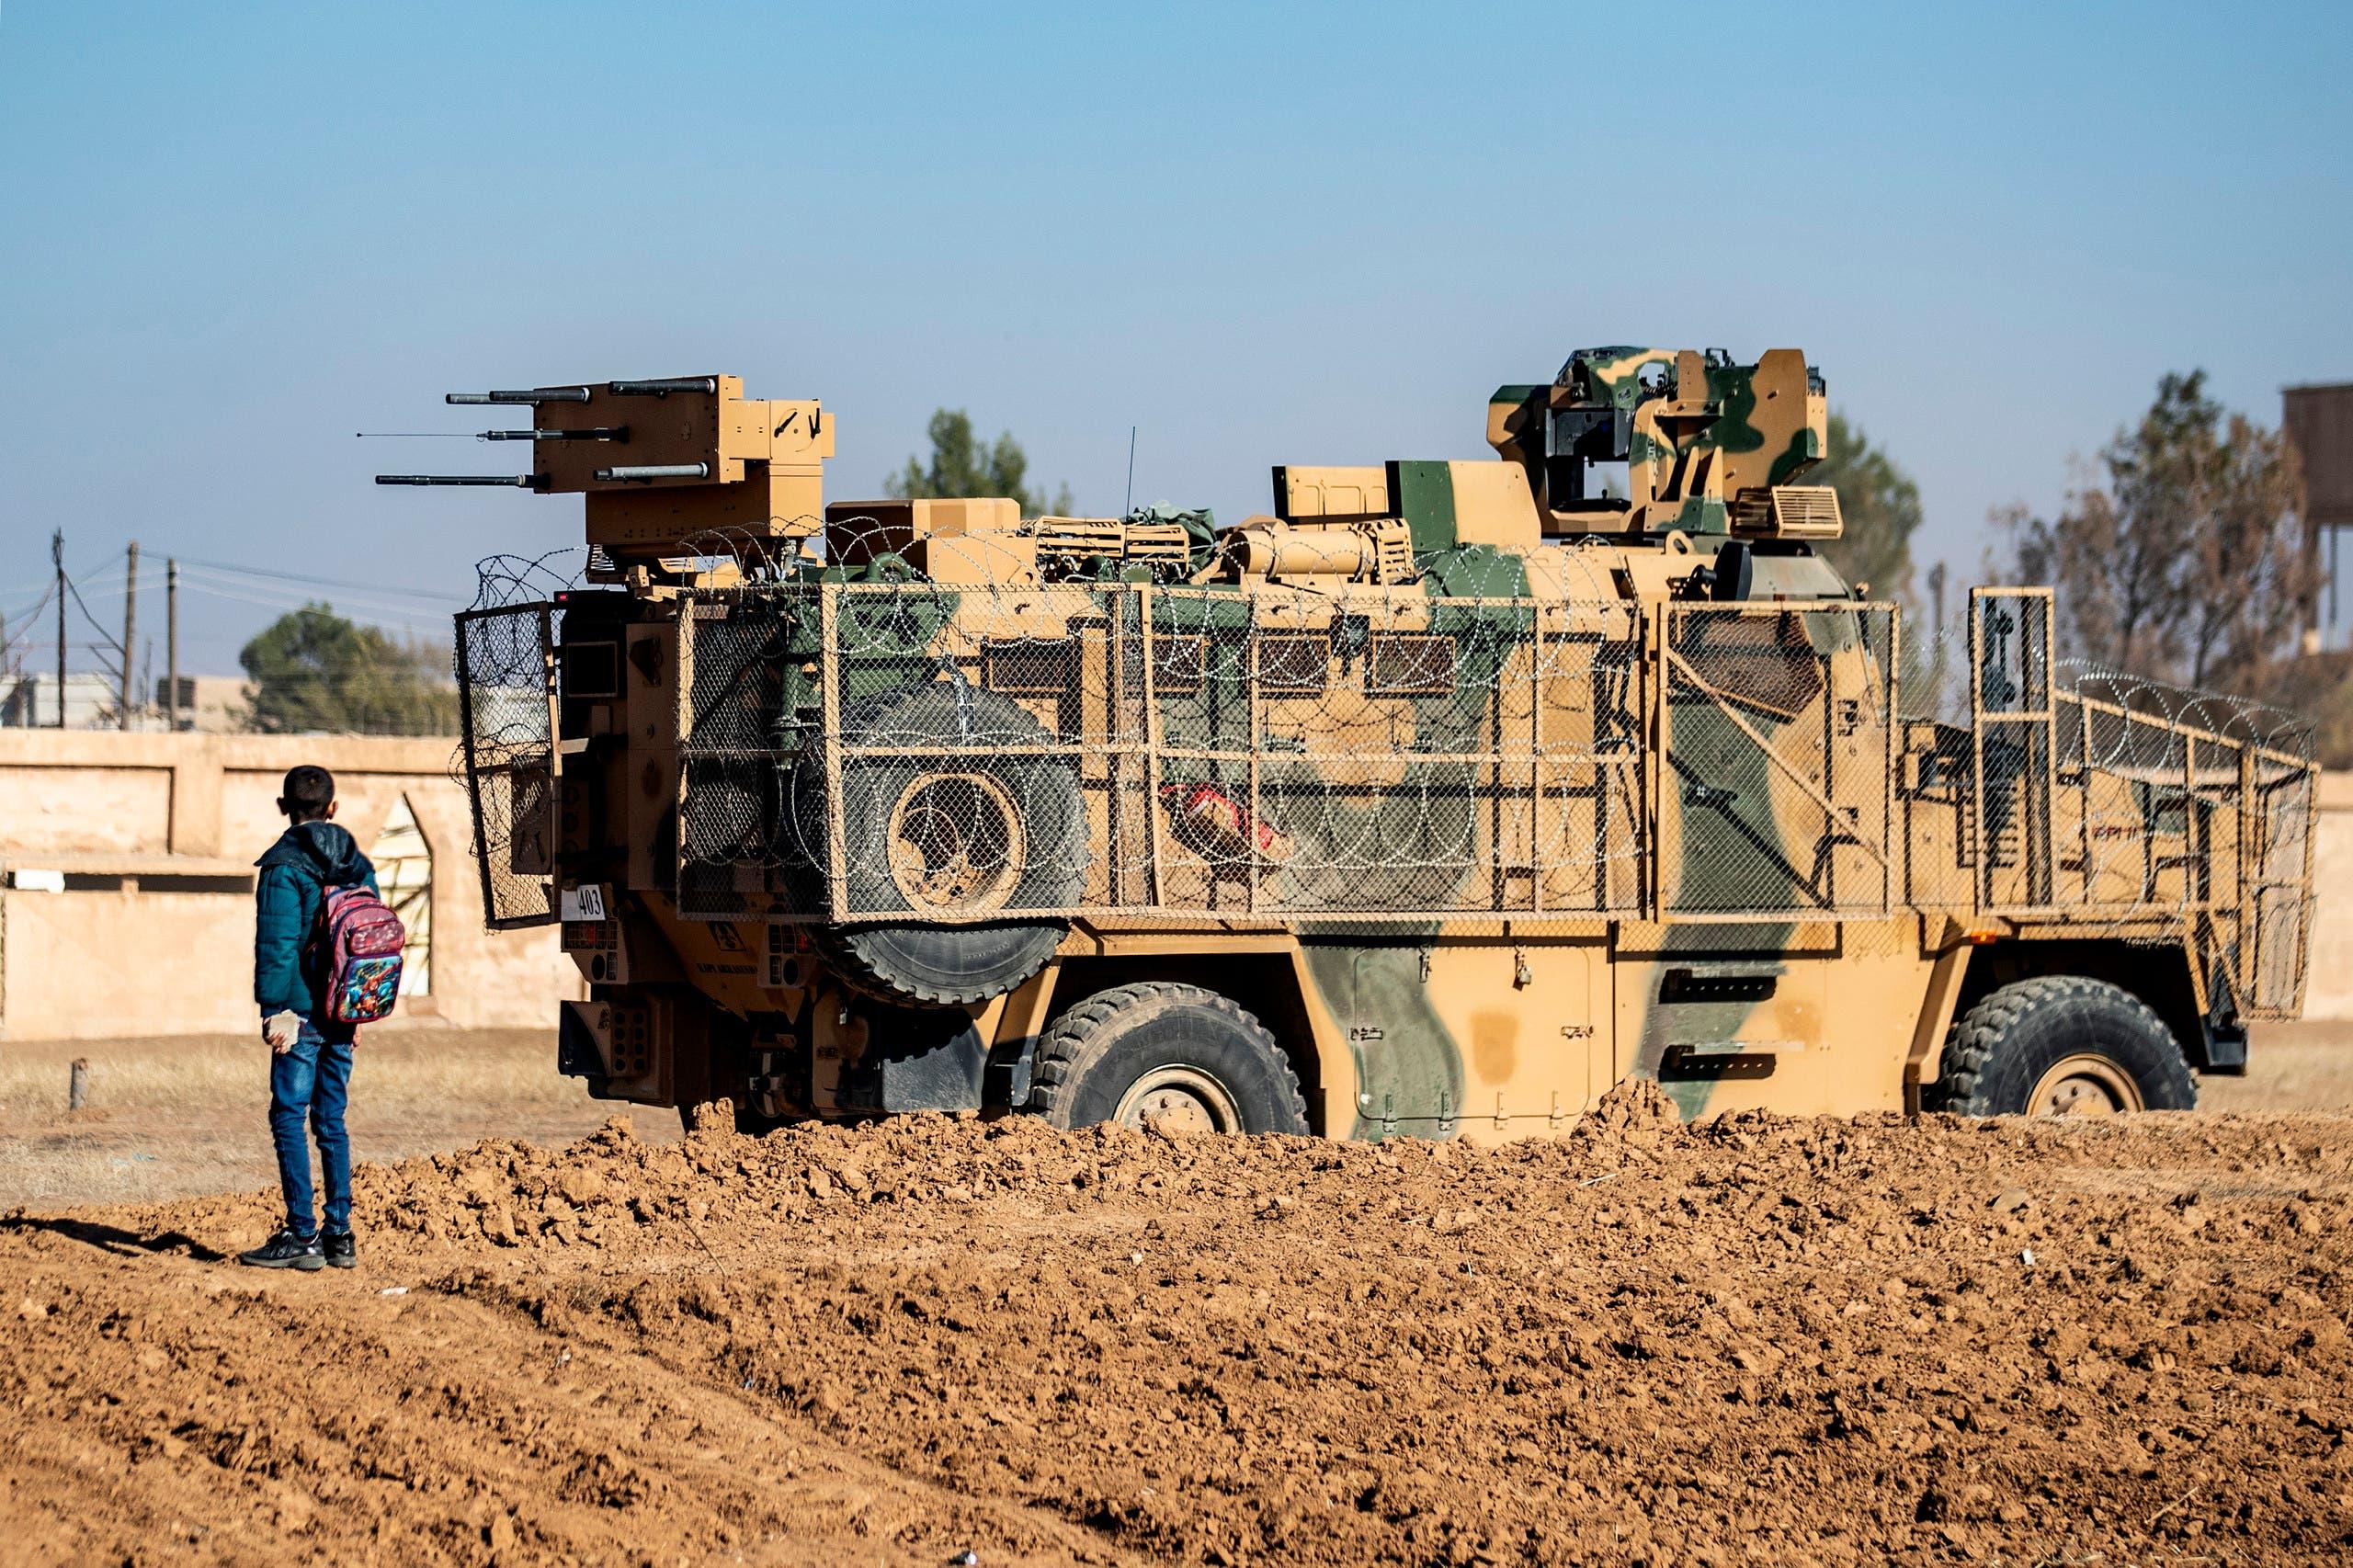 دورية تركية في سوريا (فرانس برس)